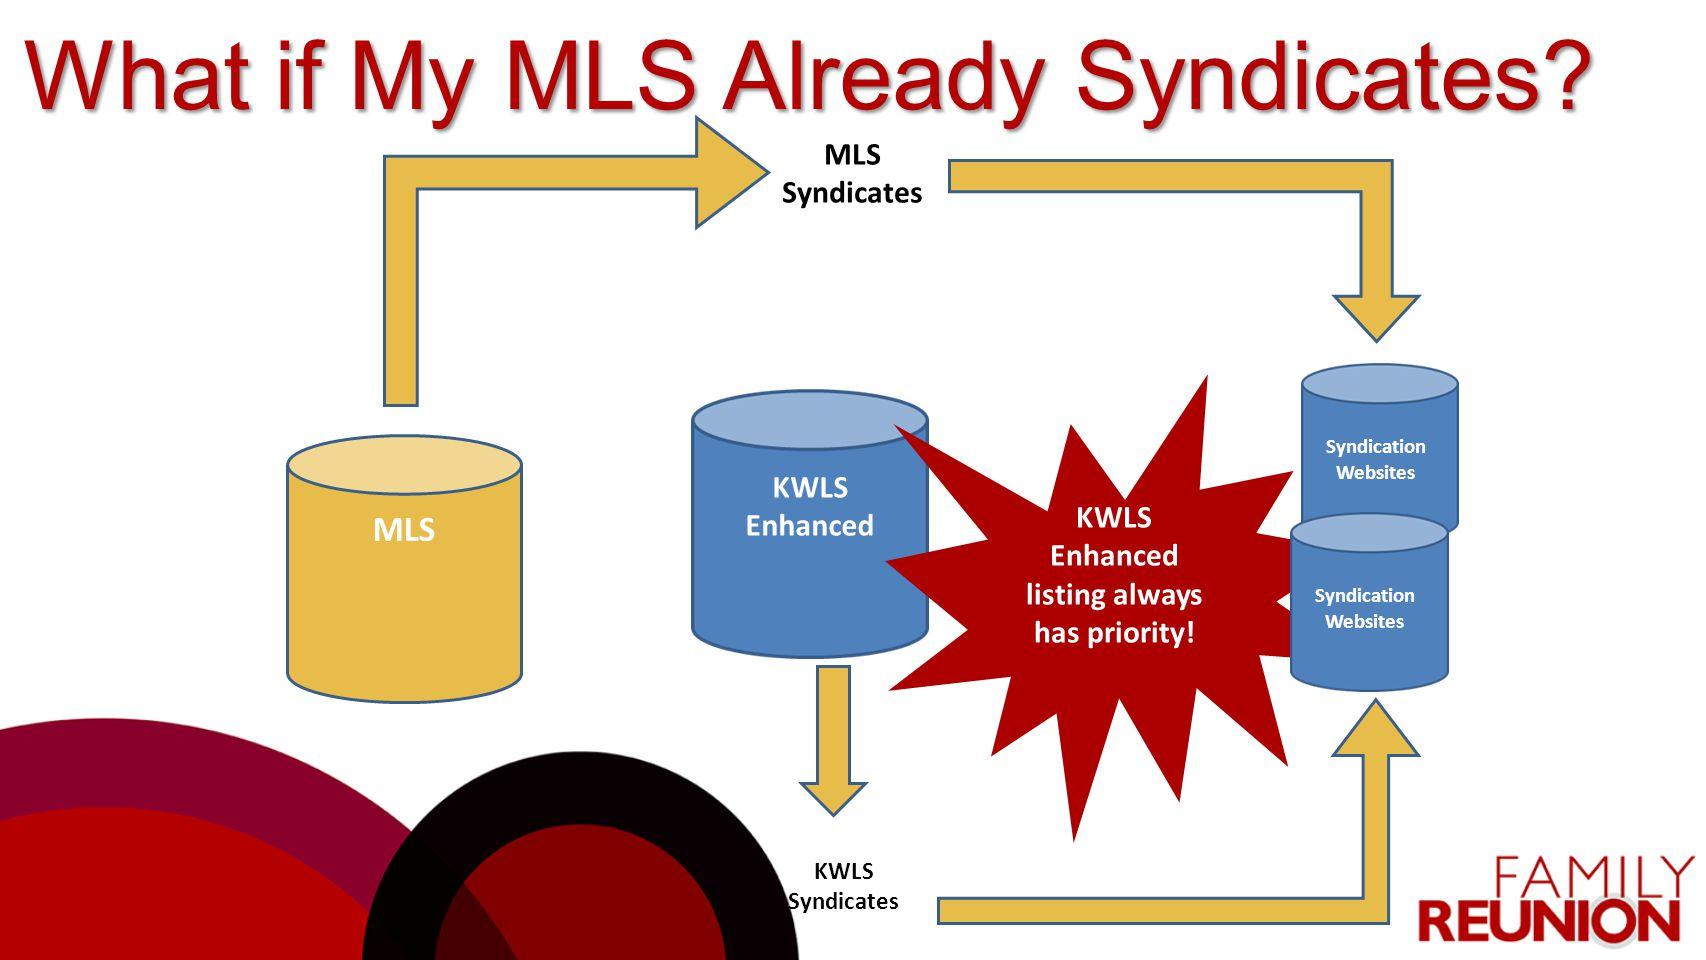 MLS KWLS Enhanced Syndication Websites KWLS Enhanced listing always has priority! Syndication Websites KWLS Syndicates MLS Syndicates What if My MLS A